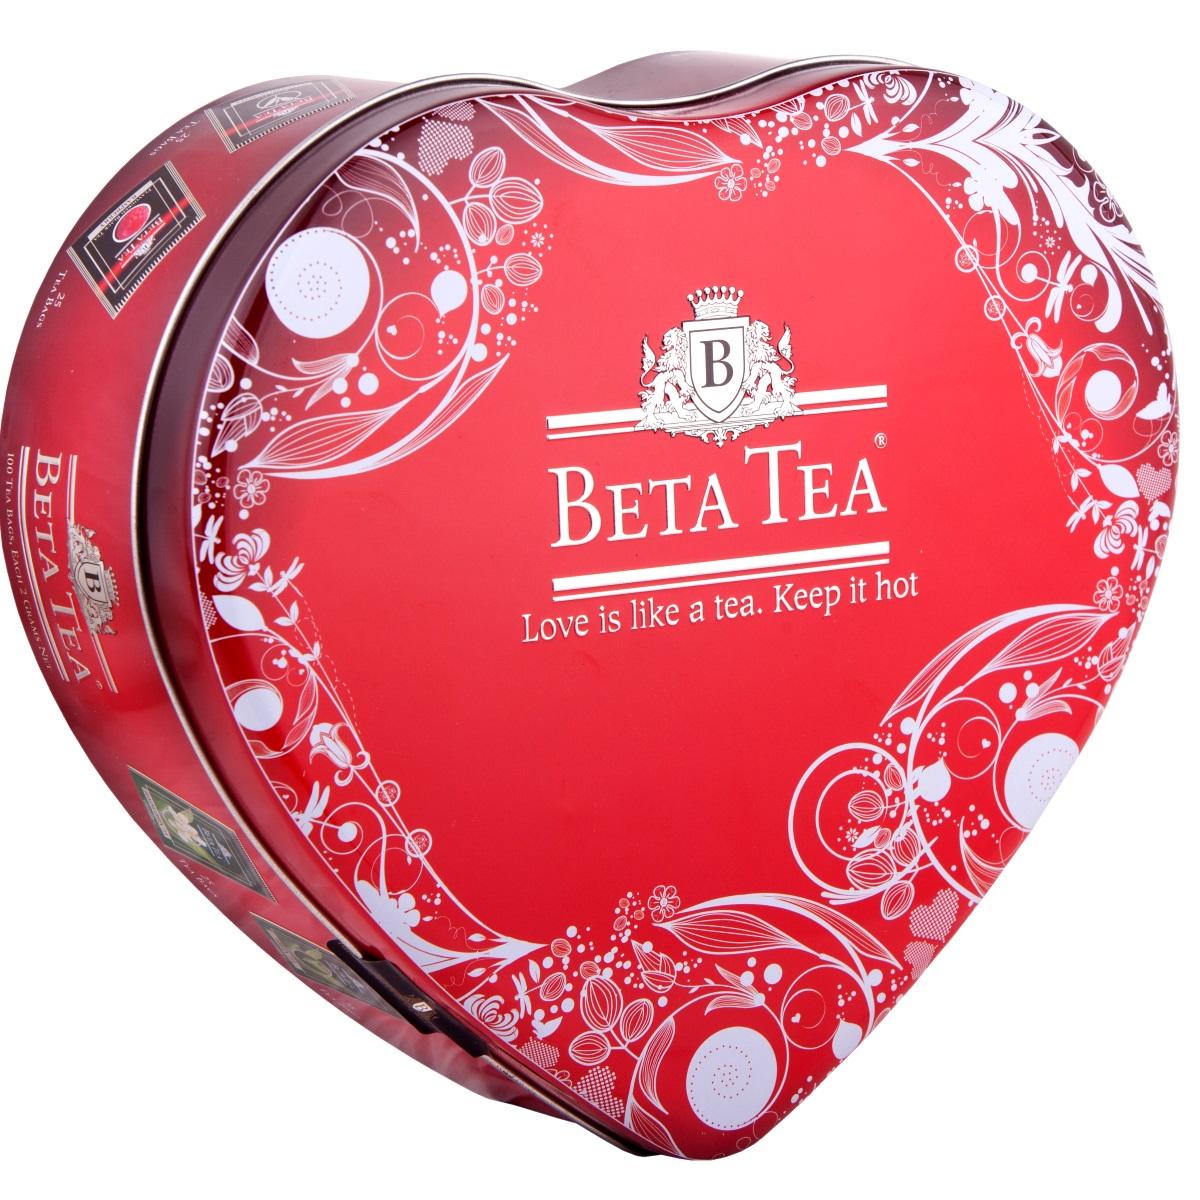 Beta Tea Сердце чайный набор, 100 шт (подарочная упаковка)8690717999401Beta Tea Сердце - отличный подарок для любимых с лучших чайных плантаций Шри-Ланки. Набор включает в себя: Чай Отборное качество (25 шт., 50 г). Его поставляют лучшие чайные плантации Шри-Ланки. Любители крепкого чая с терпким вкусом по достоинству оценят этот напиток. Чай Beta Tea Малина (25 шт., 50 г). Он содержит в себе неповторимый аромат малины, что придает напитку изысканный вкус. Этот чай, собранный с самых лучших плантаций Цейлона, производится в экологически чистых условиях при помощи современных технологий. Зеленый чай Beta Tea (25 шт., 50 г). Он занимает особое место в ассортименте компании. Основная задача при производстве этого сорта состоит в том, чтобы сохранить лечебные природные биологически активные вещества свежих листьев таким образом, чтобы они смогли высвободиться во время заваривания. Зеленый чай с жасмином Beta Tea (25 шт., 50 г) предлагает вам насладиться целебными качествами зеленого чая с лепестками тропического...